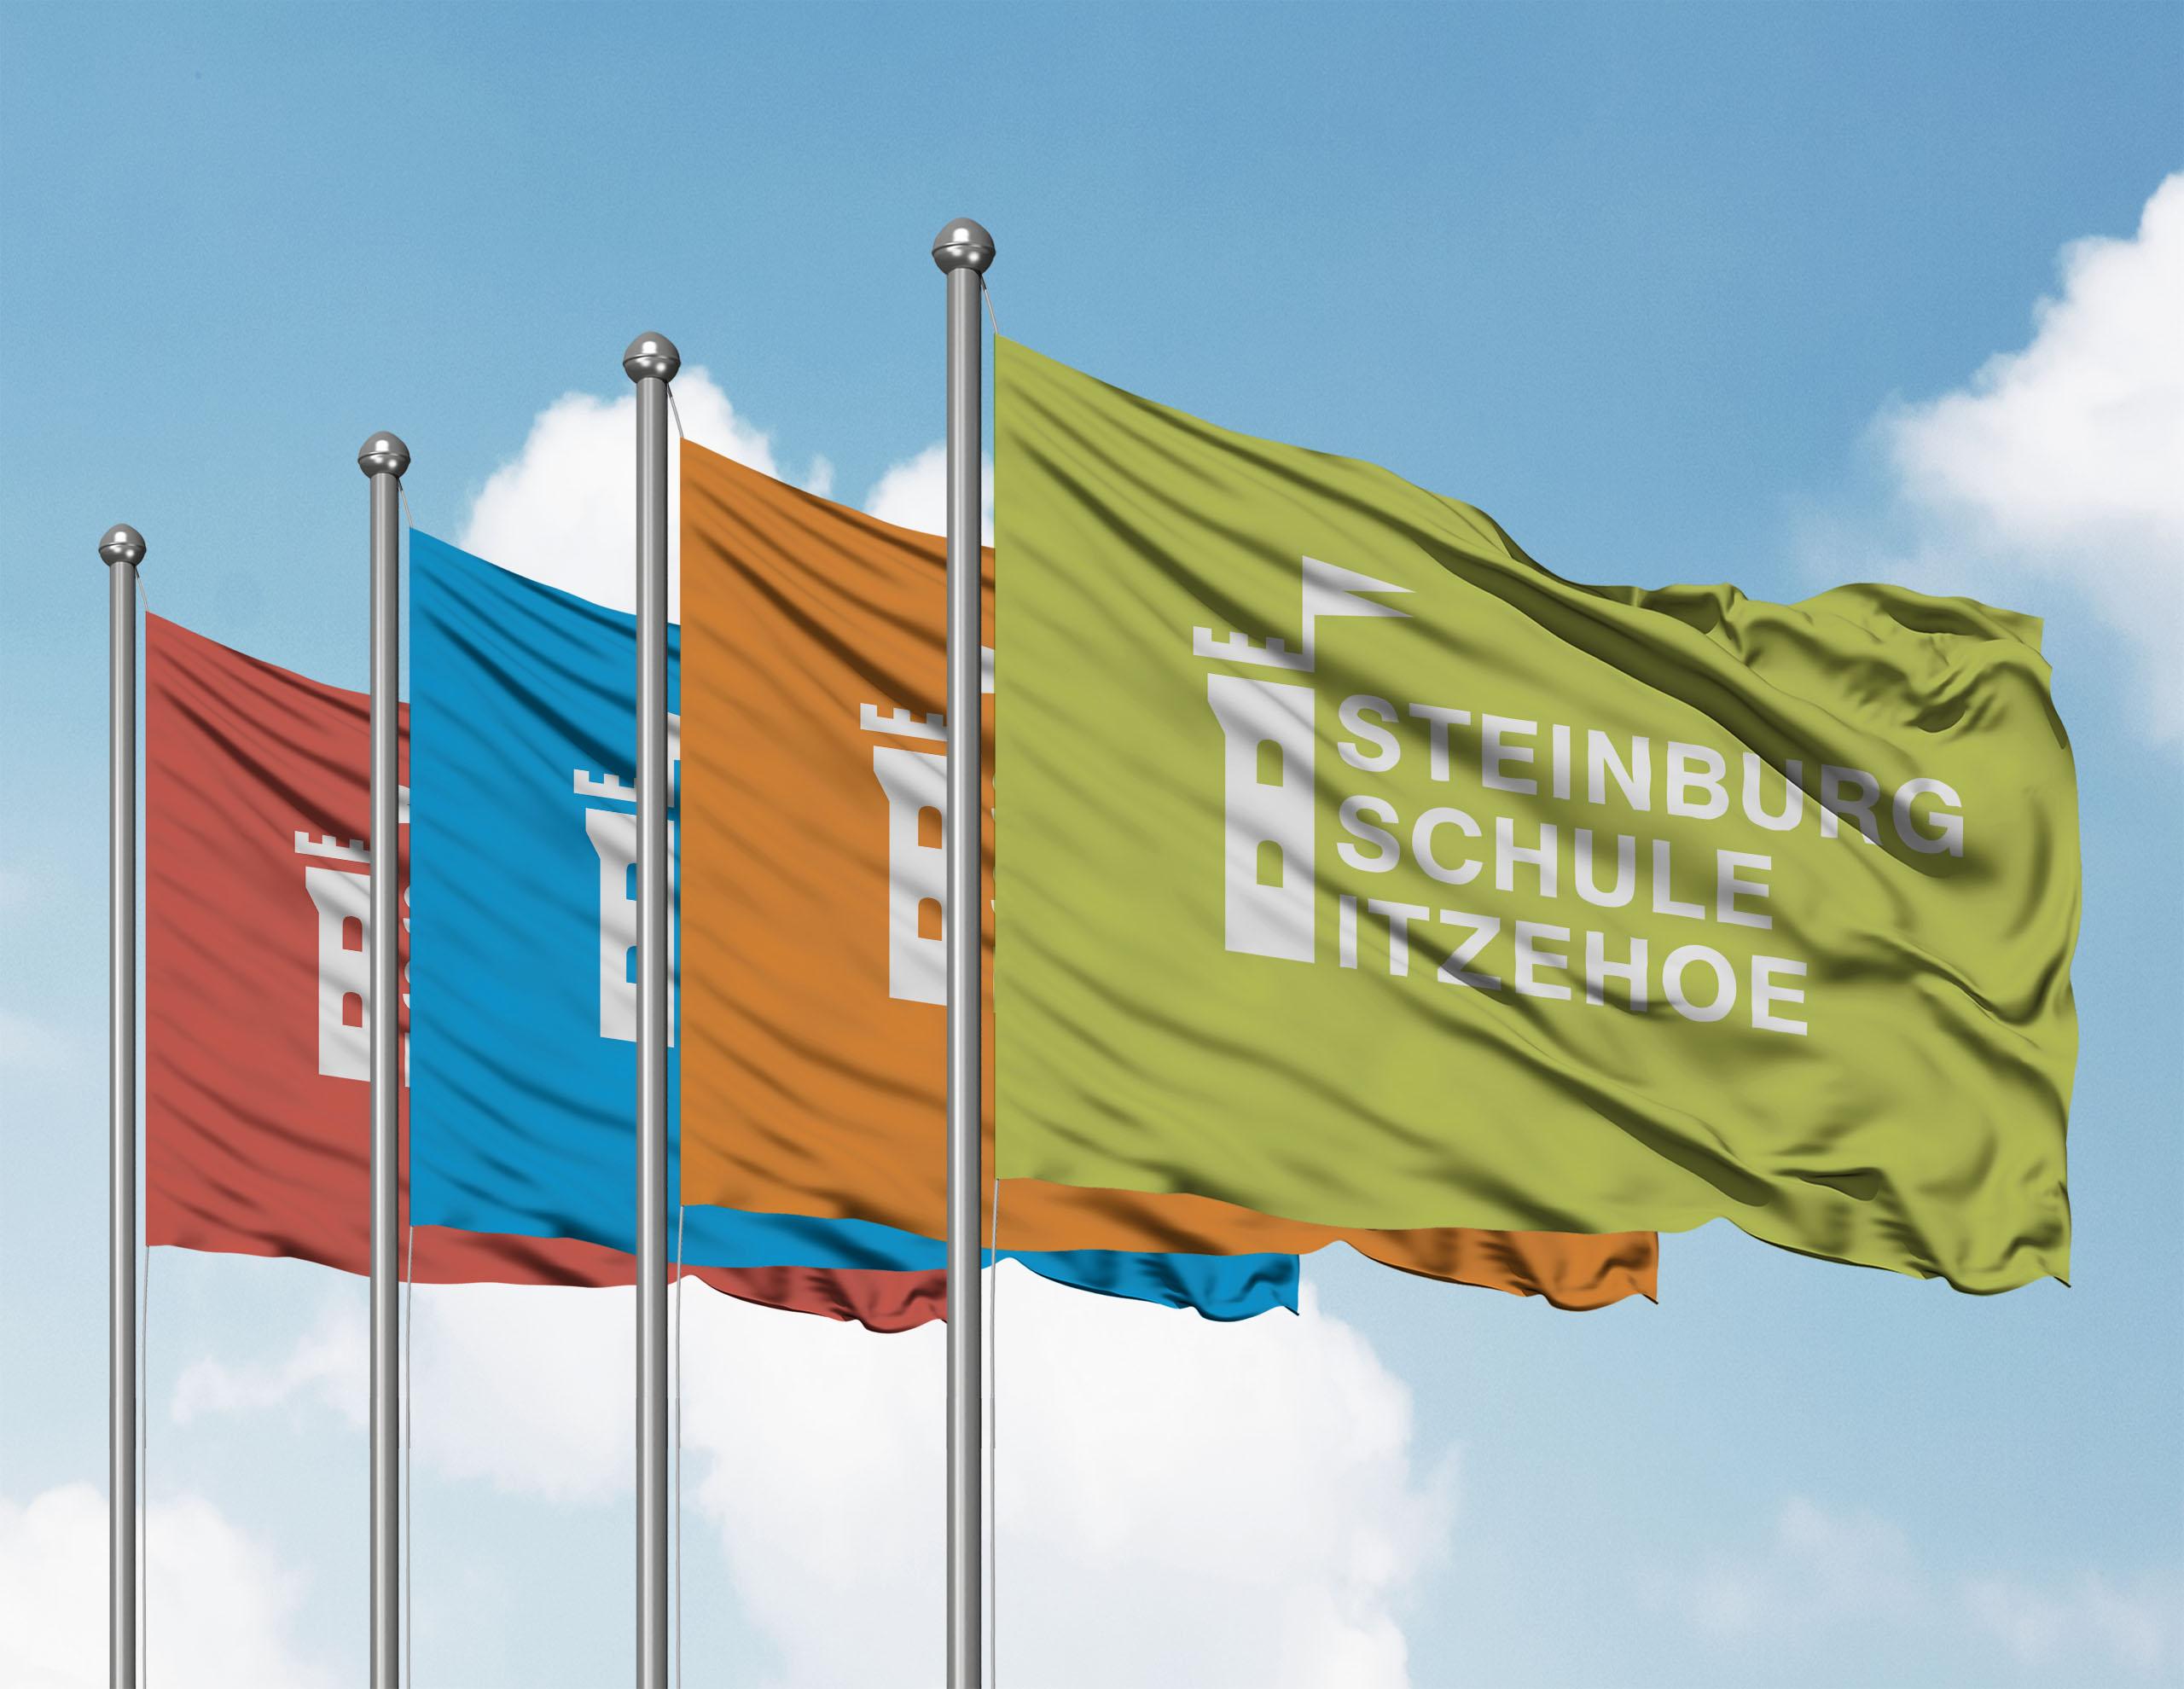 Fahnen mit dem neuen Logo für die Steinburg-Schule Itzehoe.